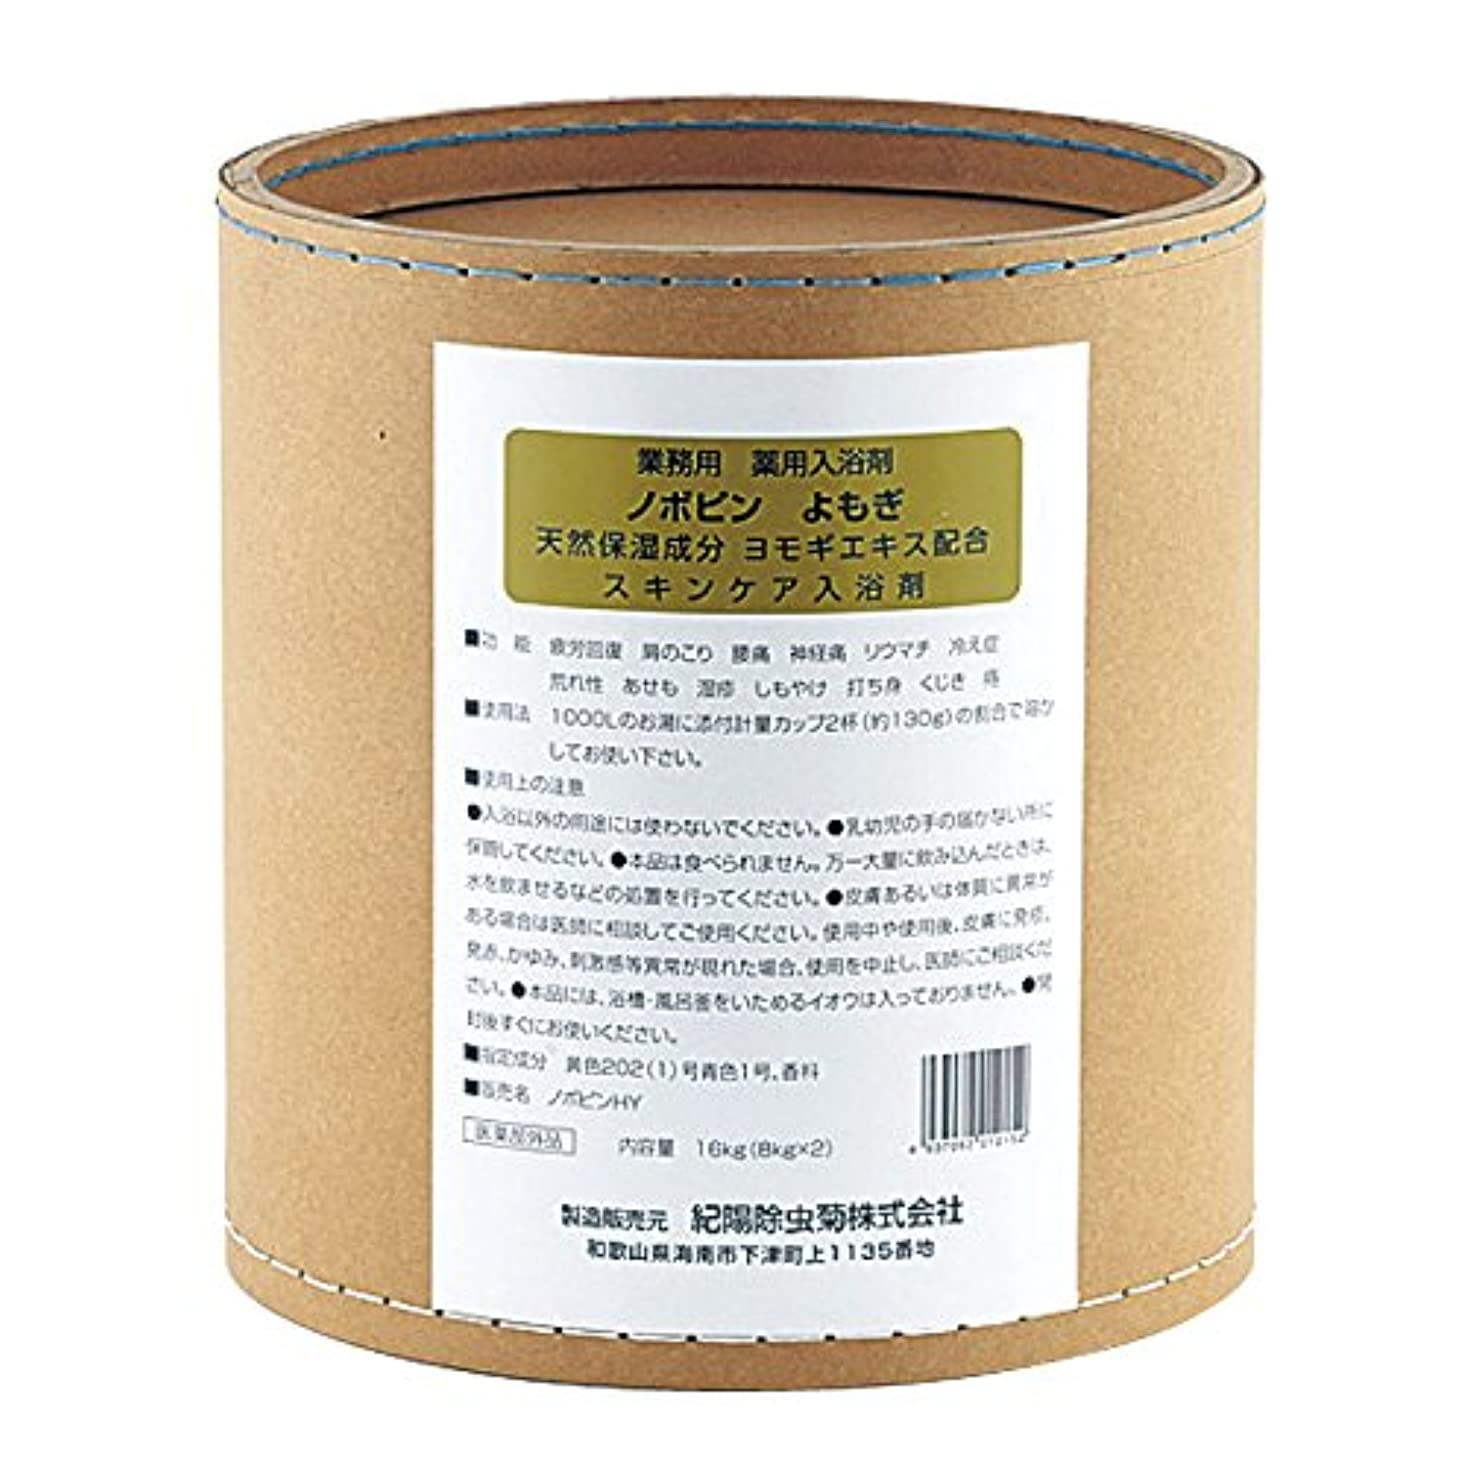 吸うはっきりと麺業務用入浴剤ノボピンよもぎ16kg(8kg*2)